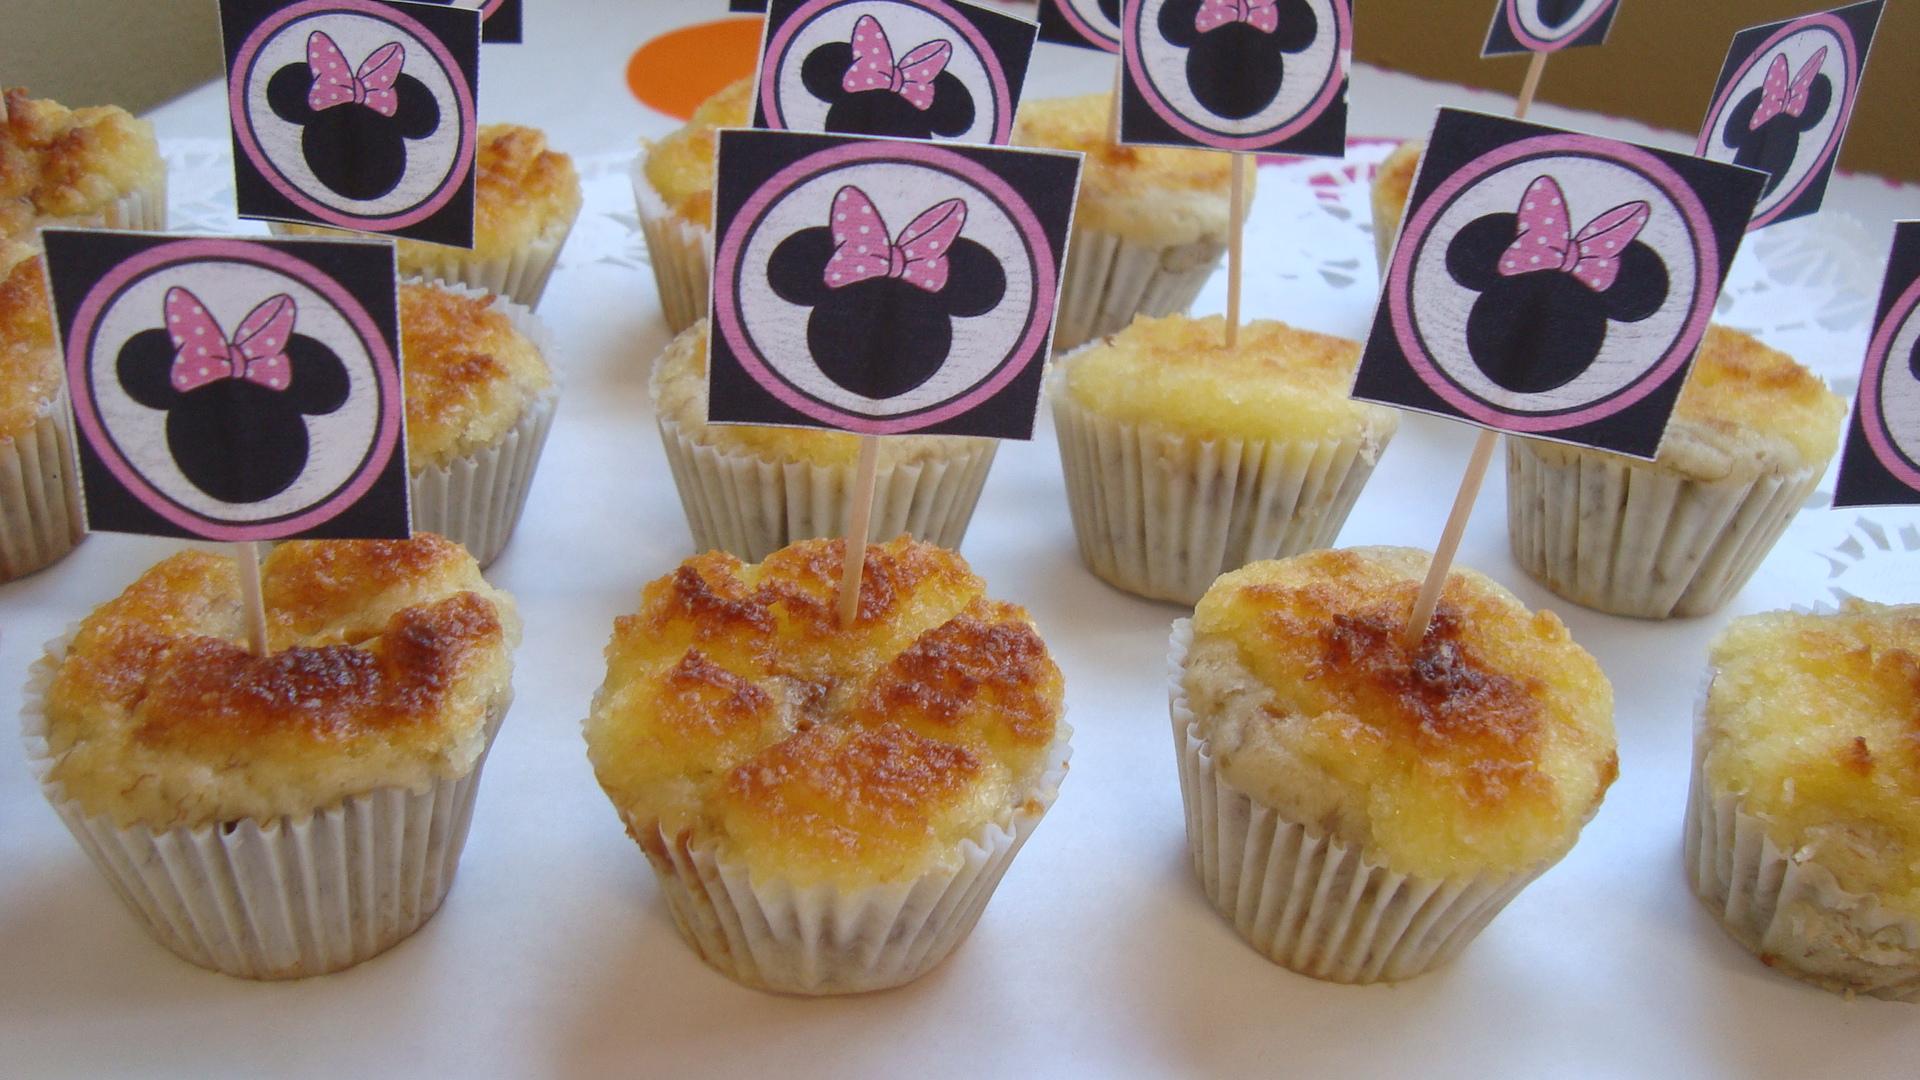 ... de coloridos popcakes de vainilla y cardamomo, bañados en chocolate y